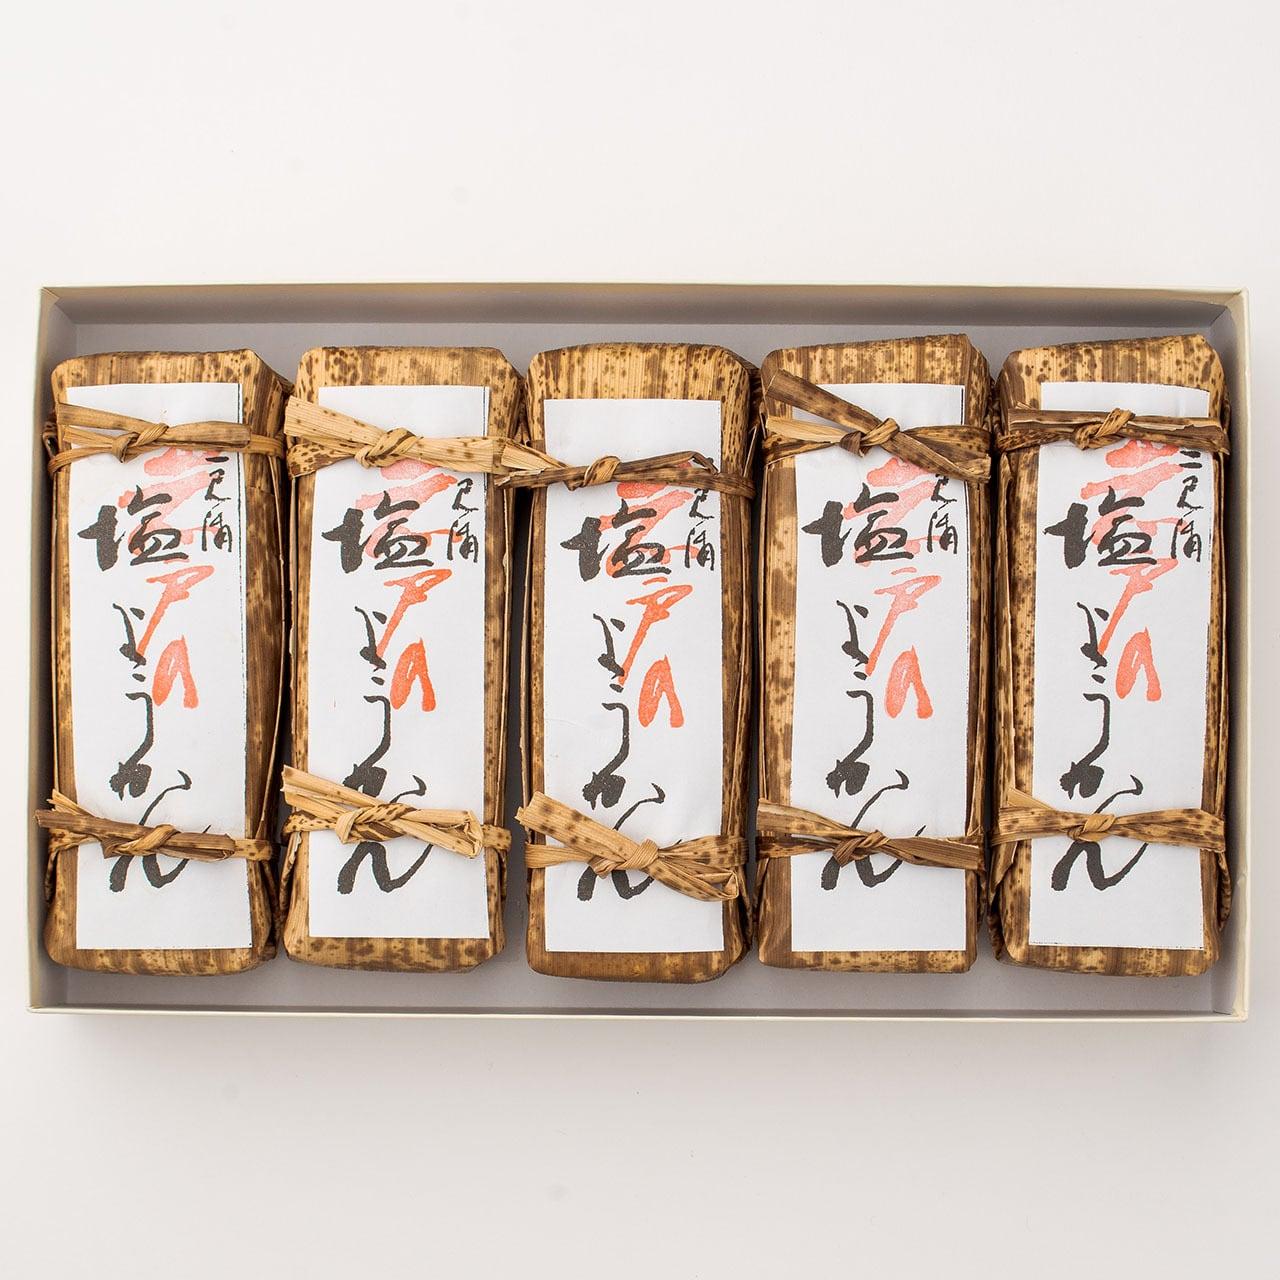 二見浦岩戸の塩ようかん 5本入化粧箱